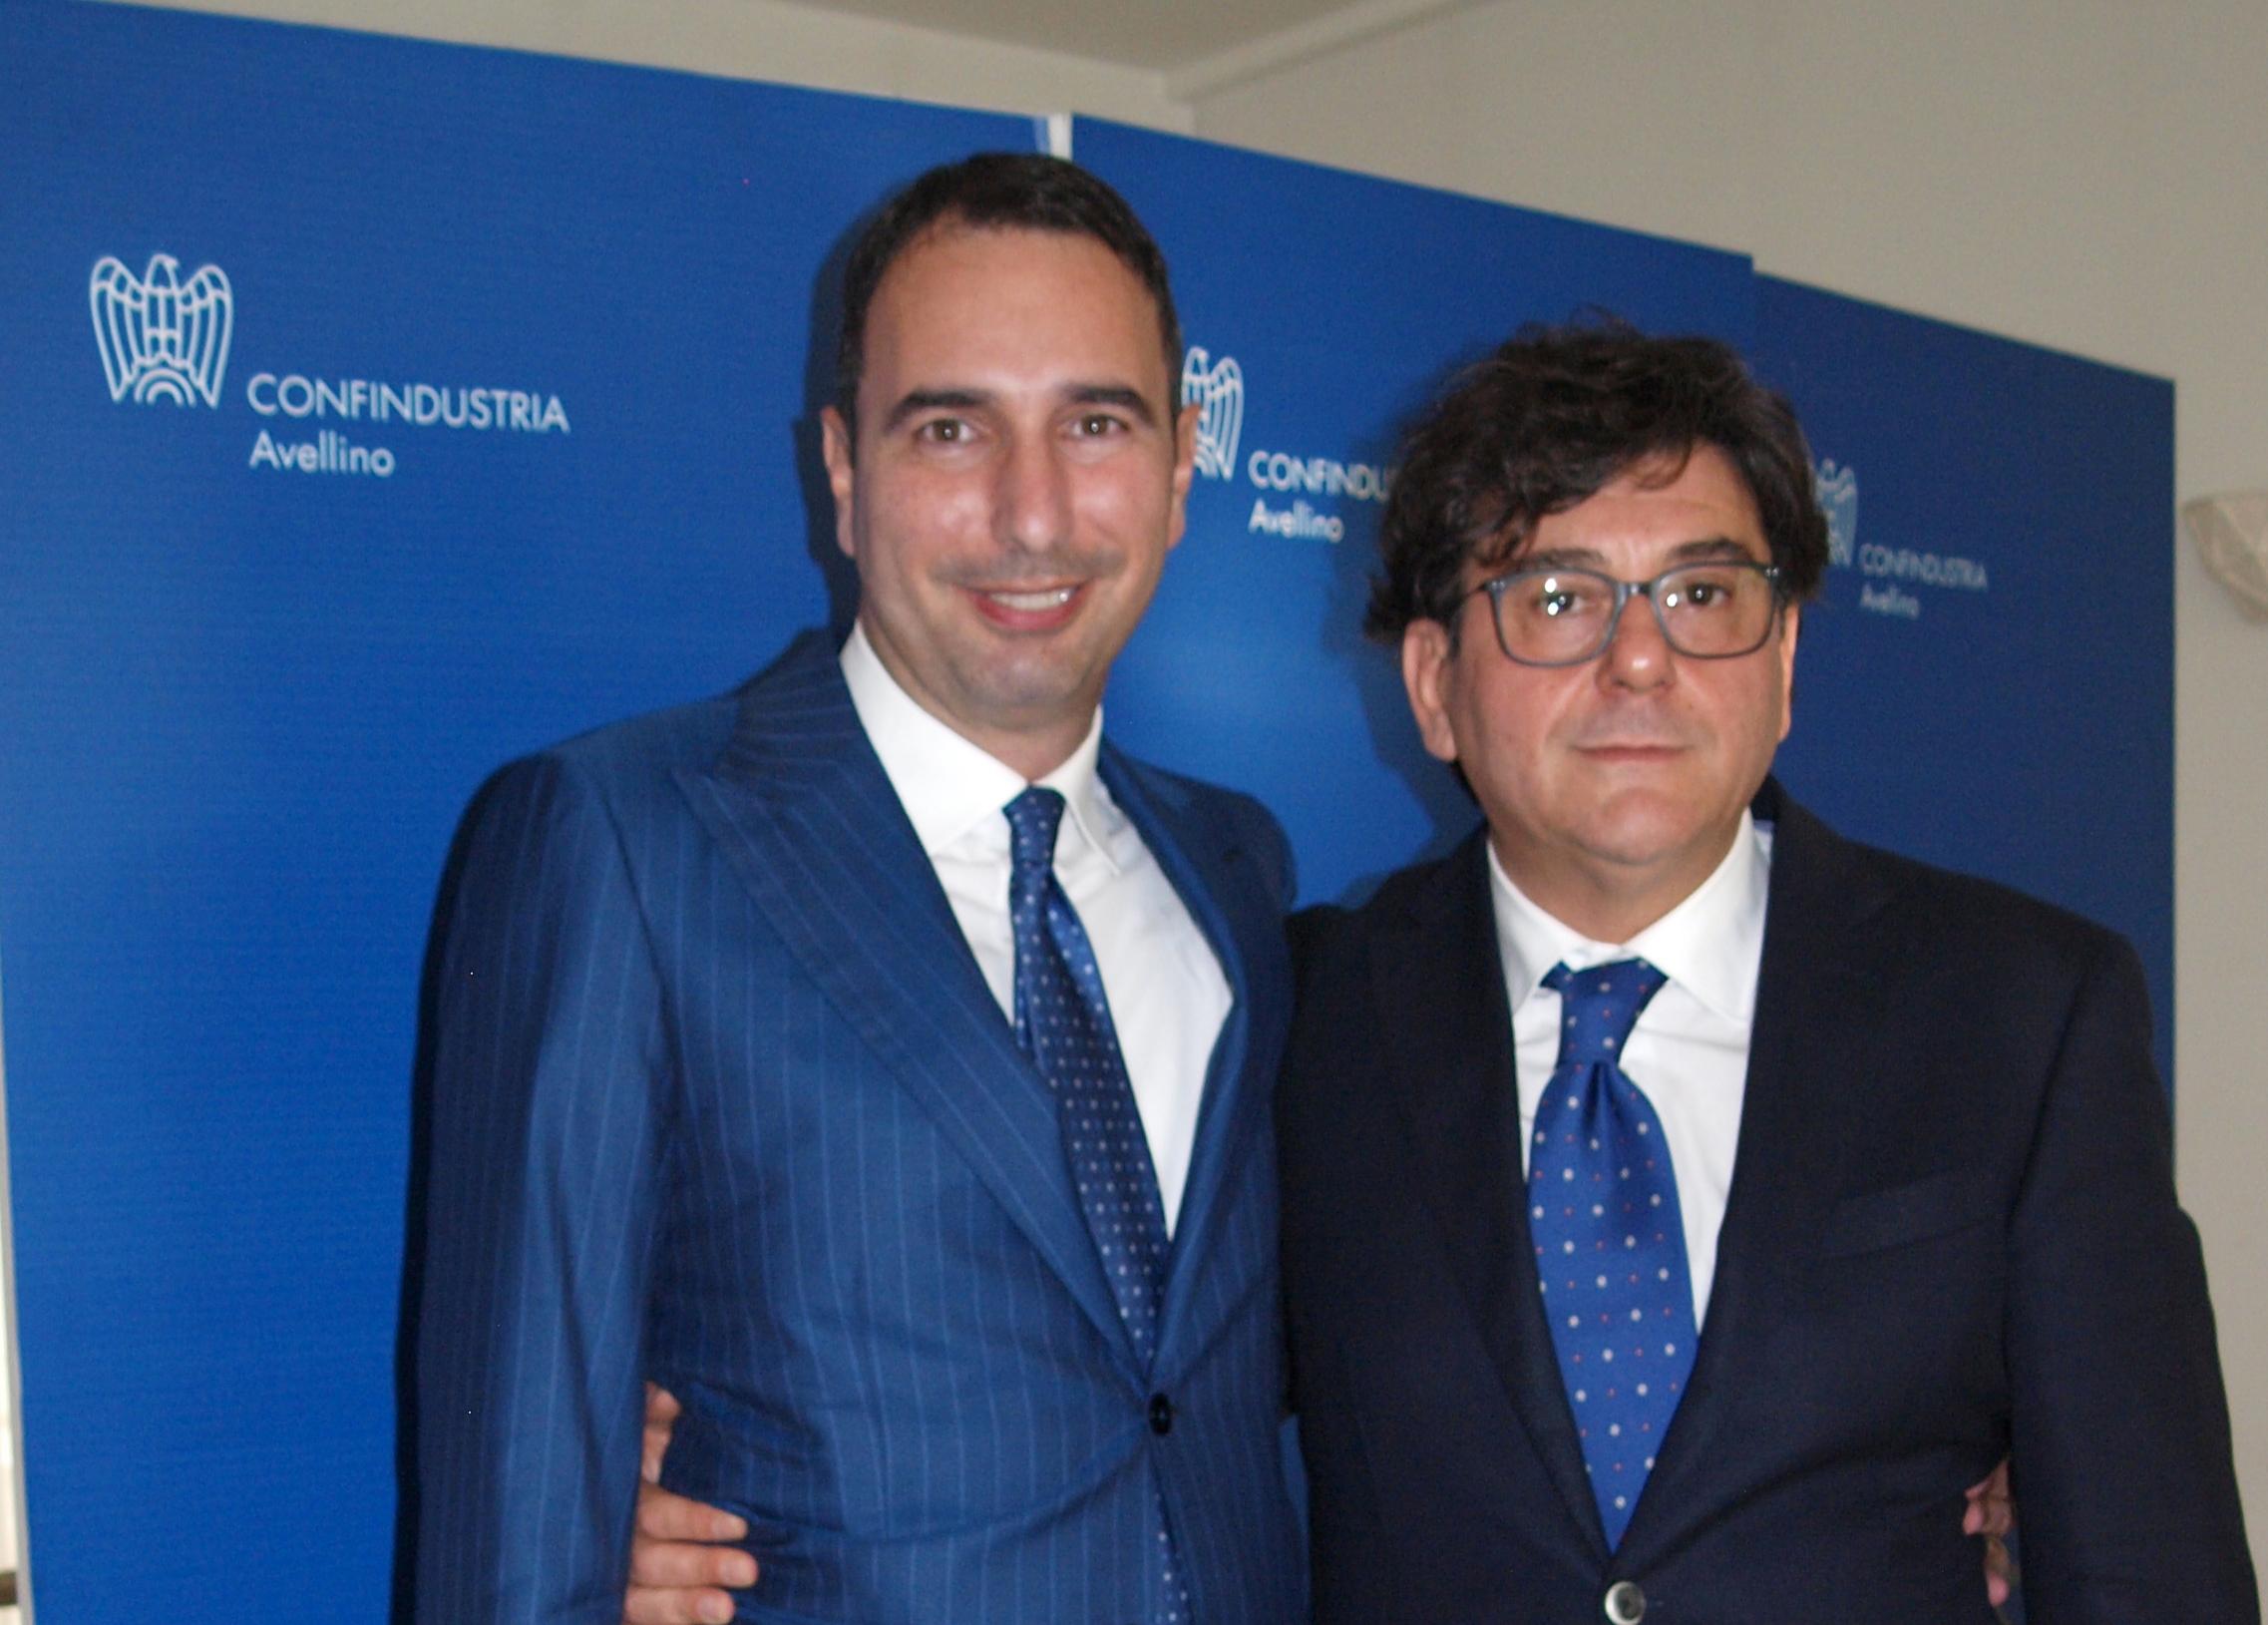 Piccola Industria Avellino, Iapicca è il nuovo presidente